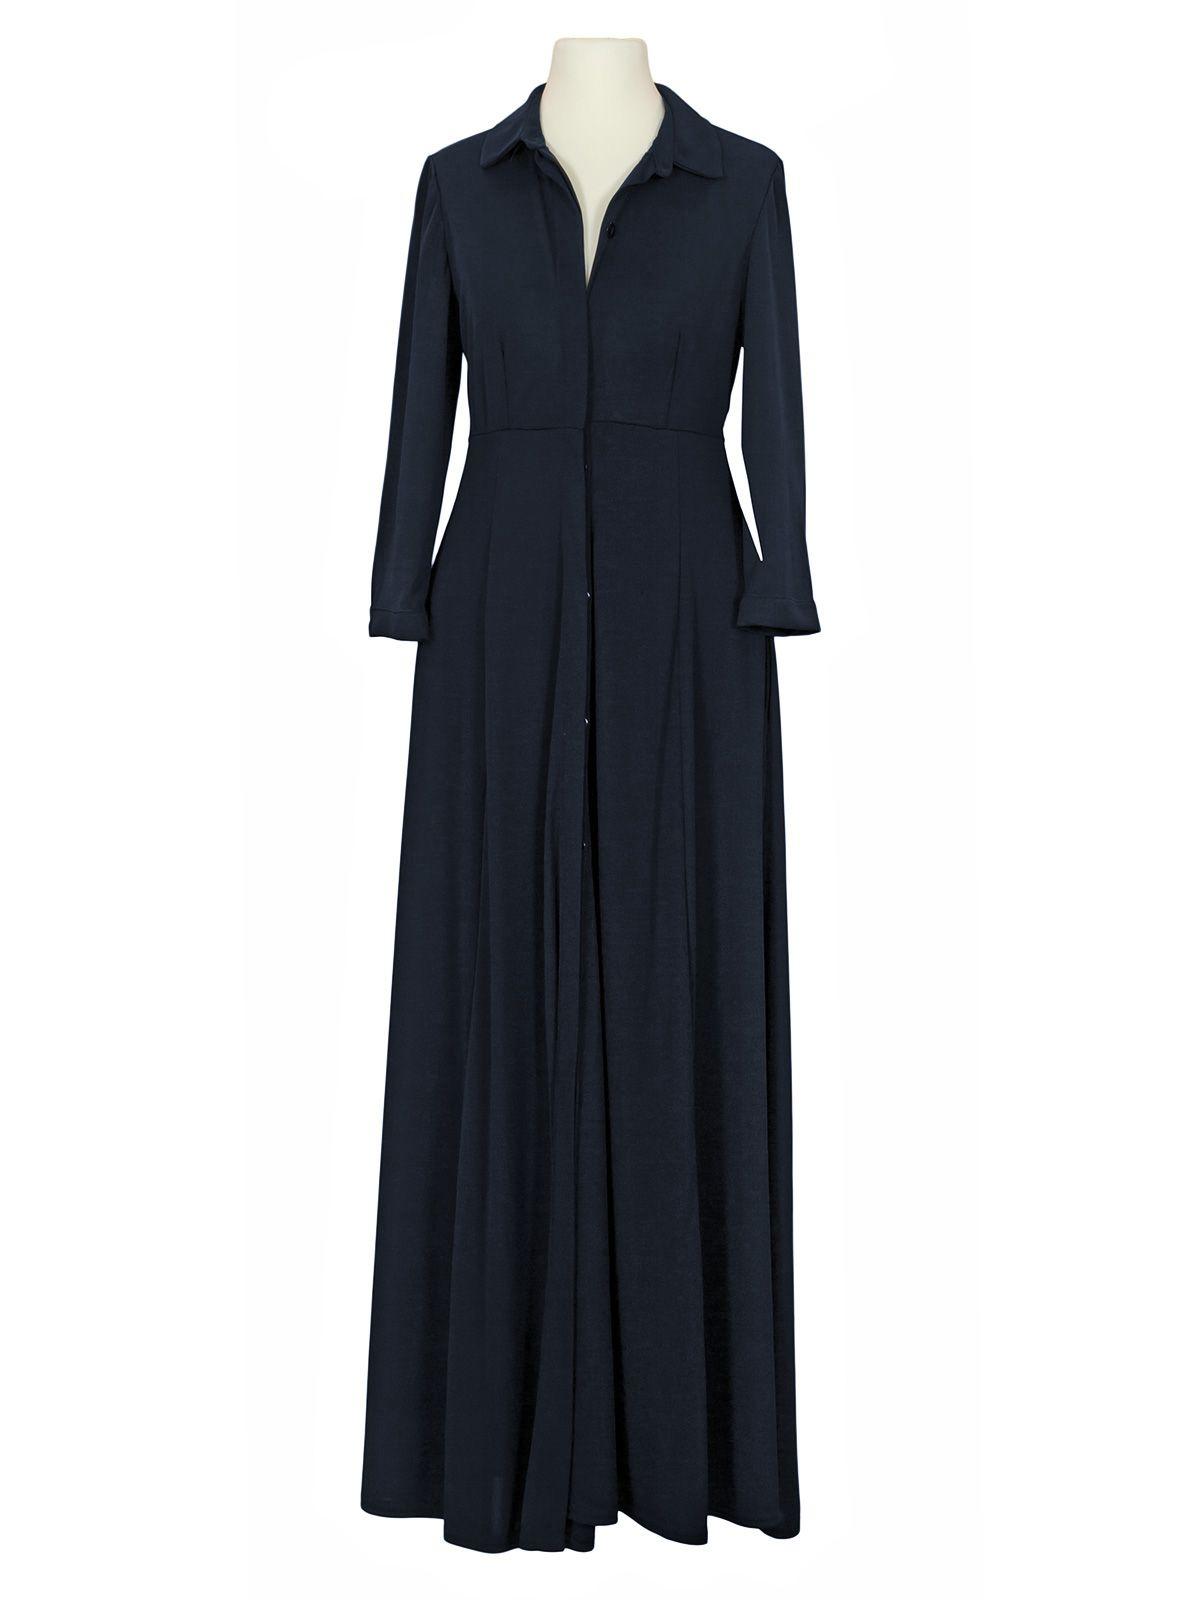 jerseykleid a-linie lang, dunkelblau bei meinkleidchen